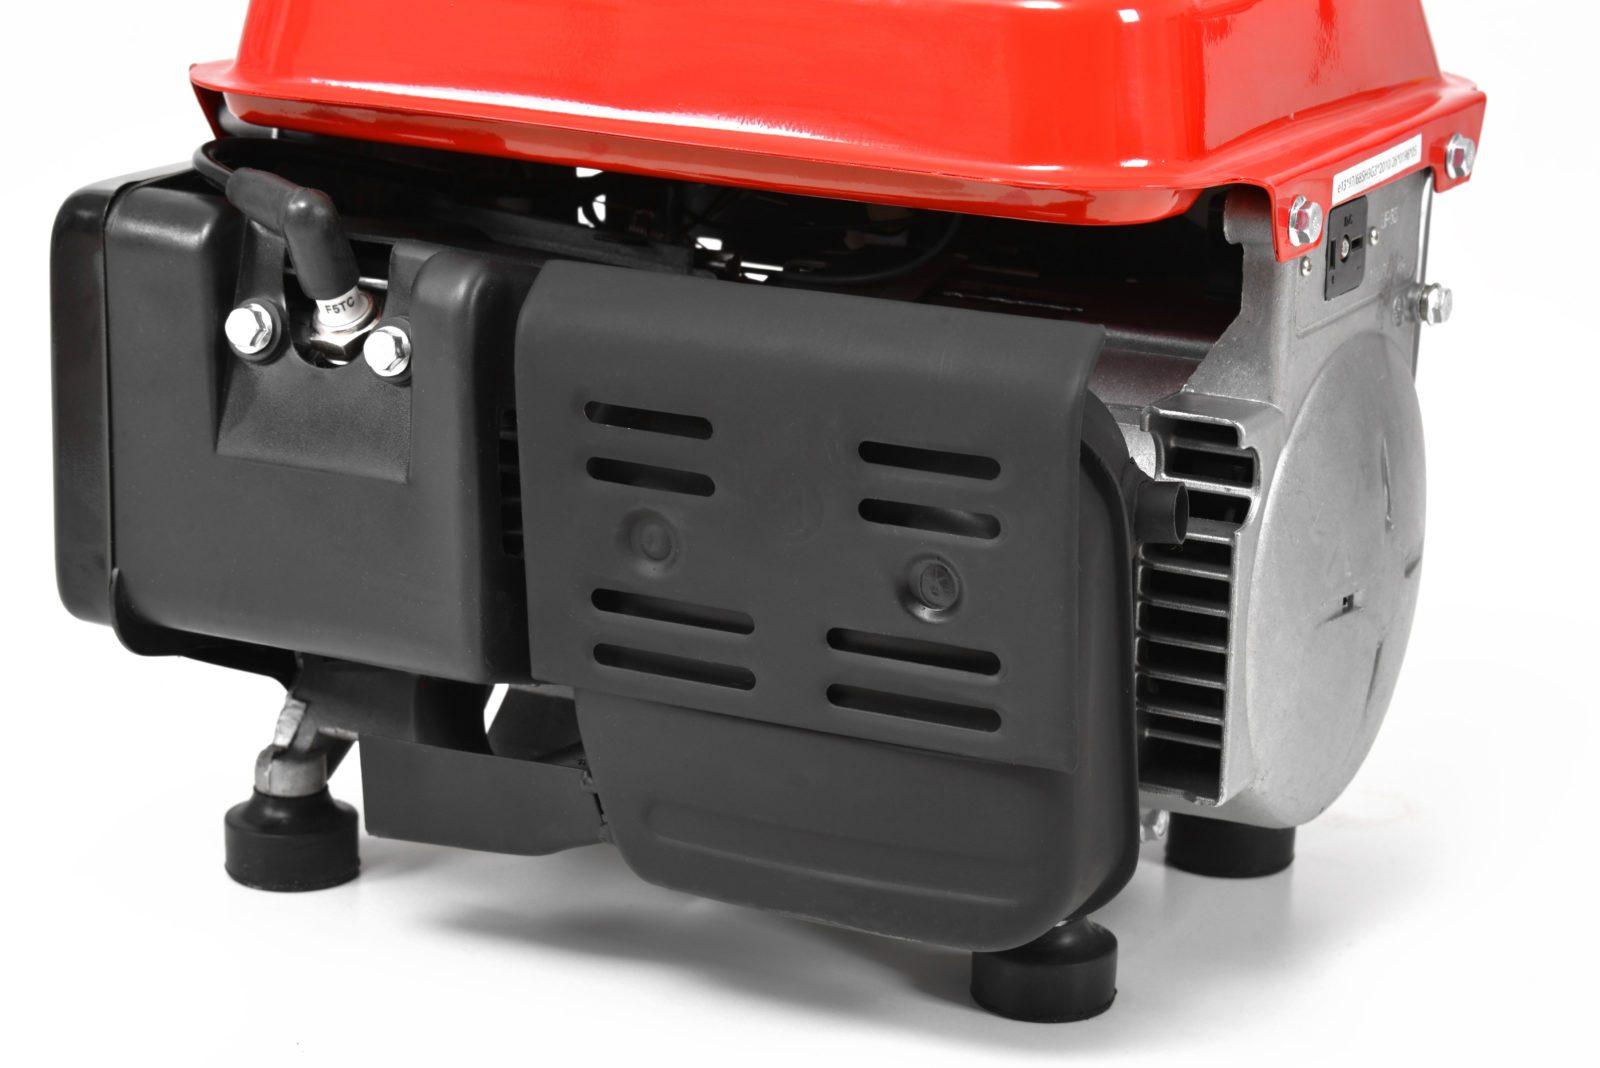 Gerador HCT EG 950 DC - Monofásico